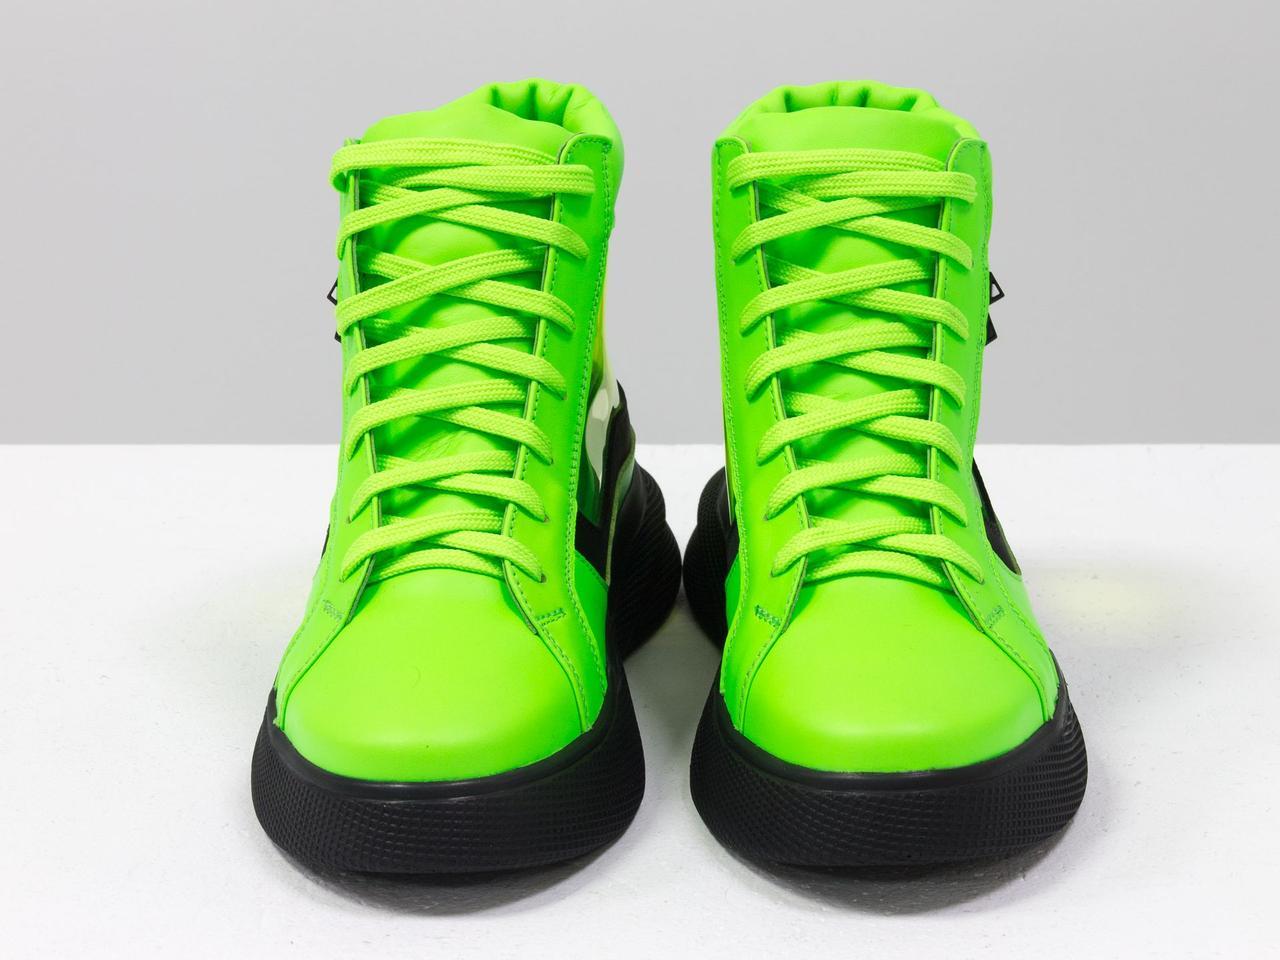 Дизайнерские прозрачные ботинки из натуральной неоновой кожи салатового и черного цвета - фото 3